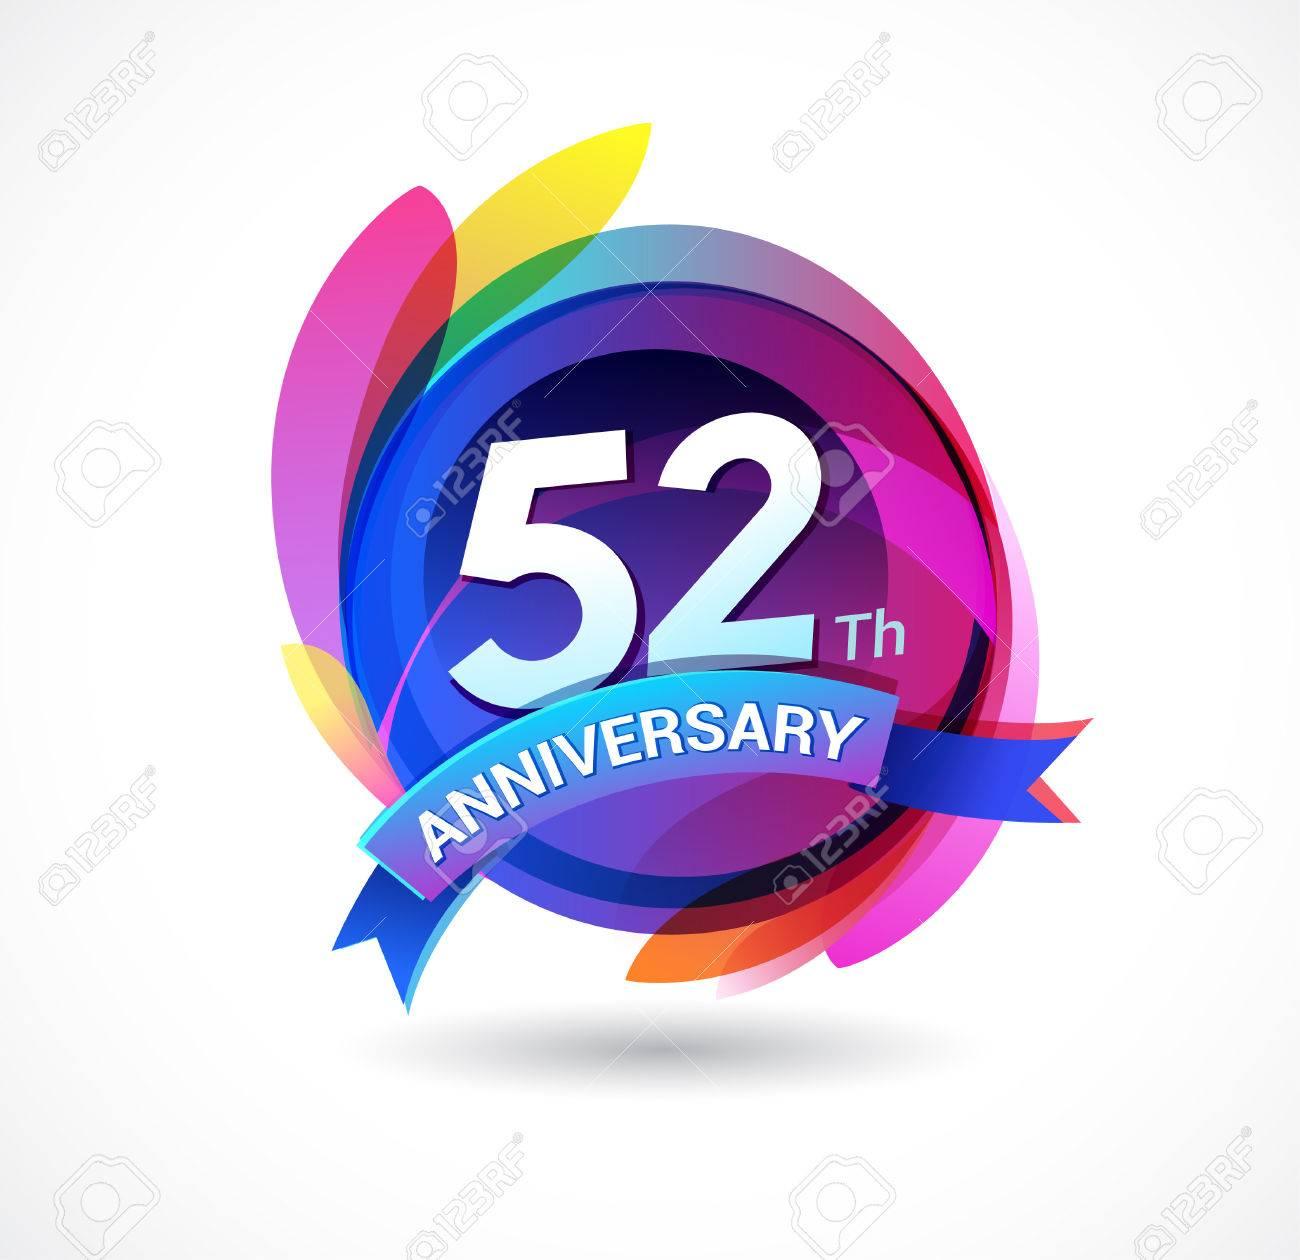 Anniversario Di Matrimonio 58 Anni.52 Years Anniversary Logo Royalty Free Cliparts Vectors And